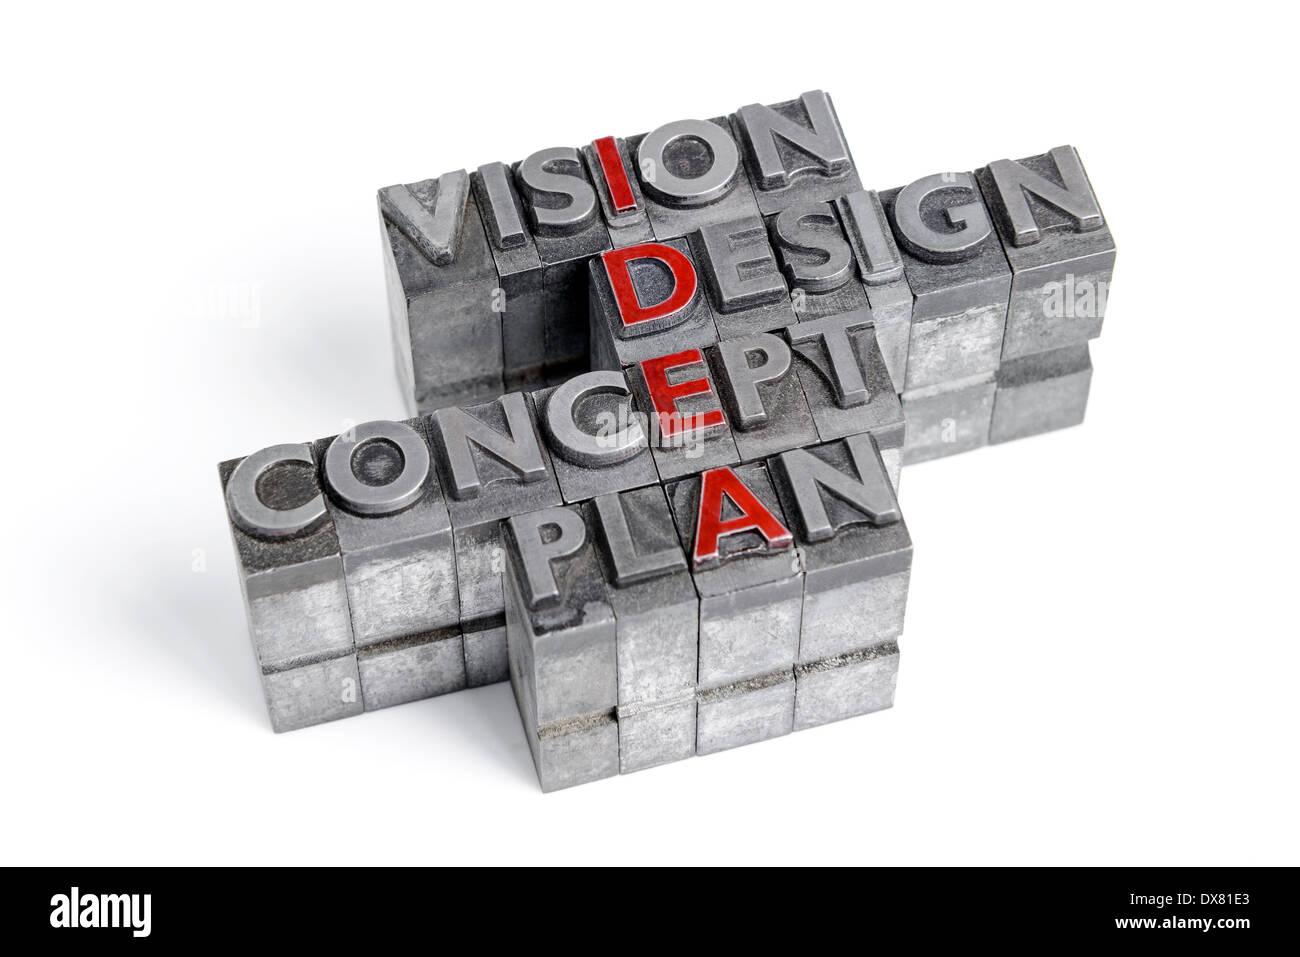 Idee als ein Akronym mit den Worten Vision Design-Konzept und Plan in alten Metall Buchdruck Blöcke isoliert auf weiss. Stockbild